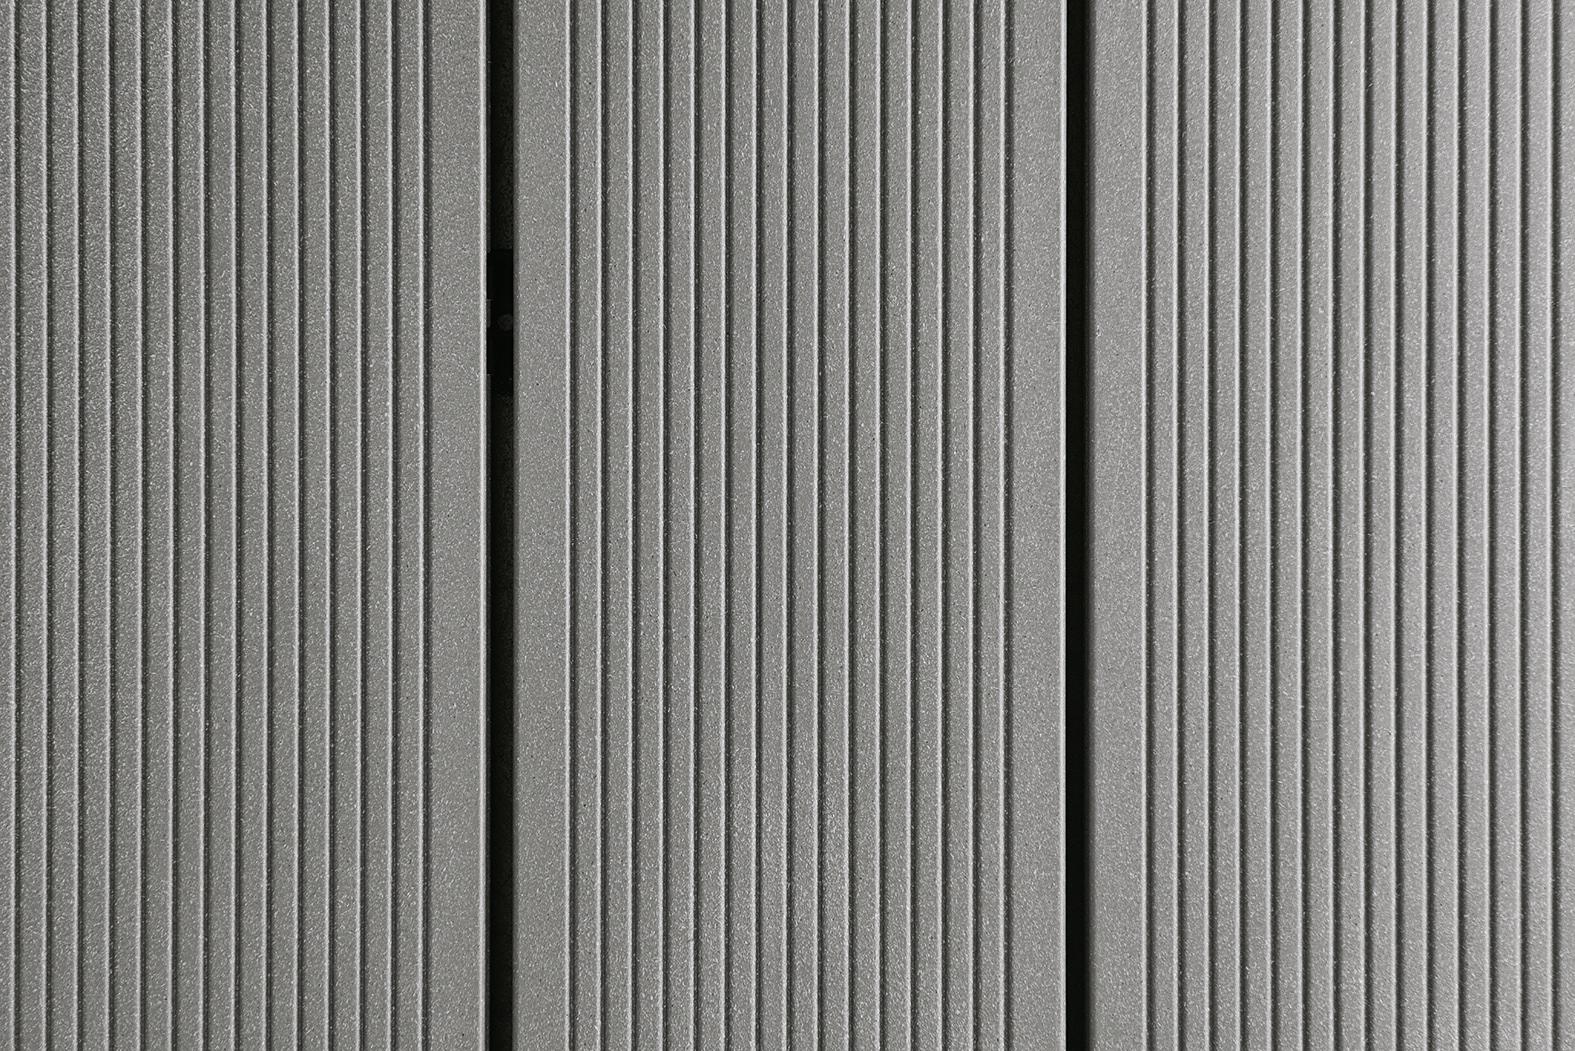 DIE KERNIGE WPC Massivdiele Grau